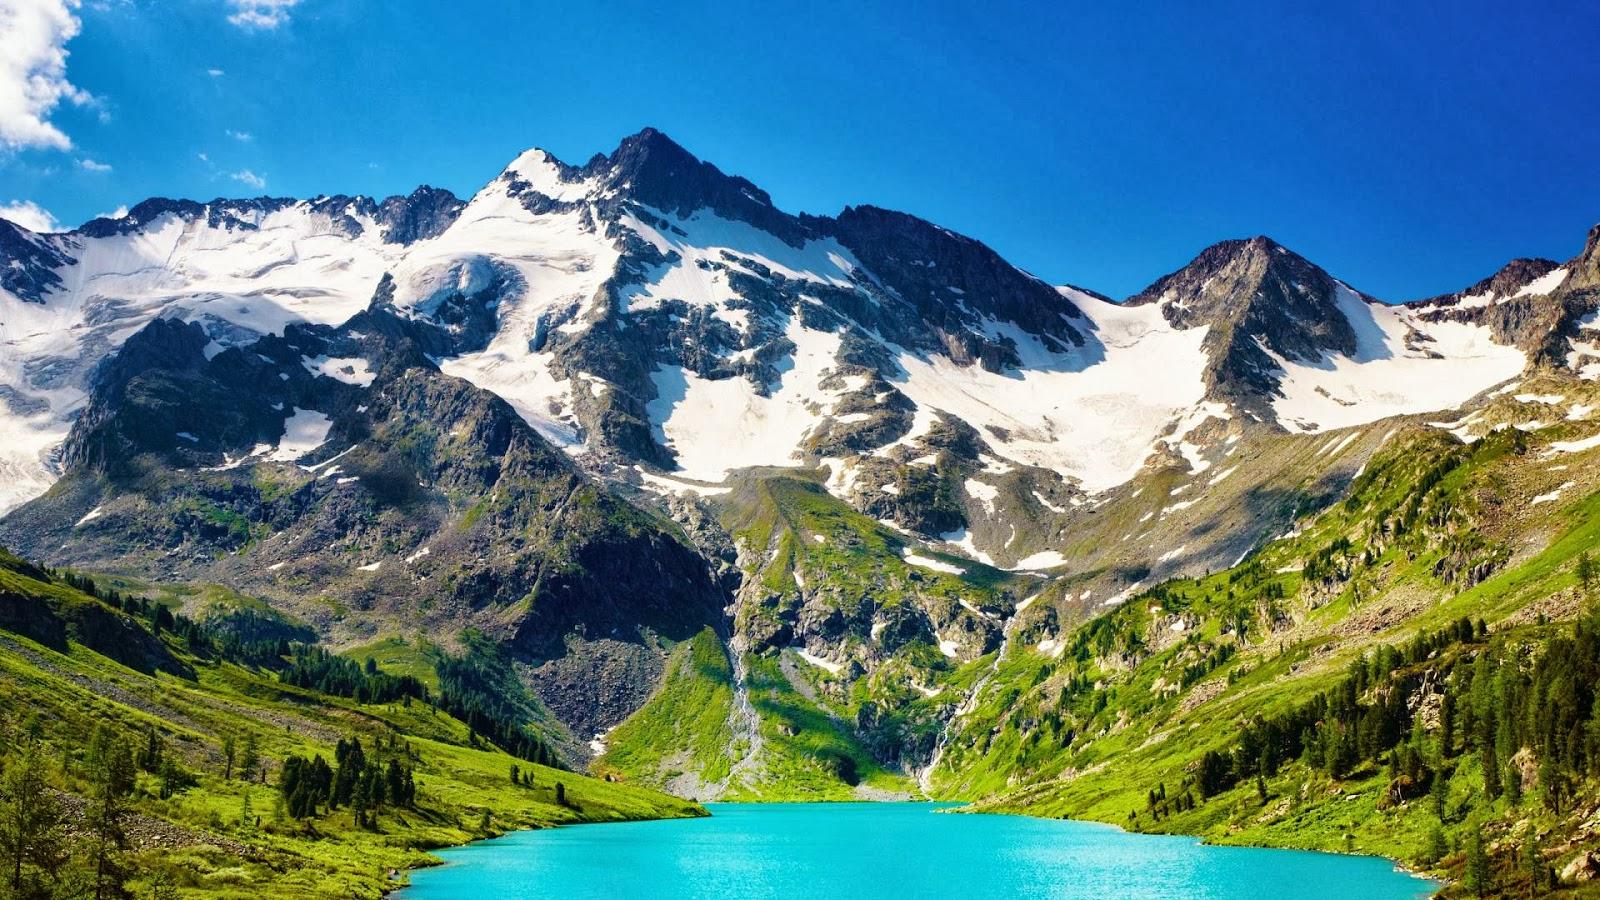 Potentes Montañas Nevadas Fondos De Pantalla: Fondos De Montañas Fondos De Pantalla De Montañas